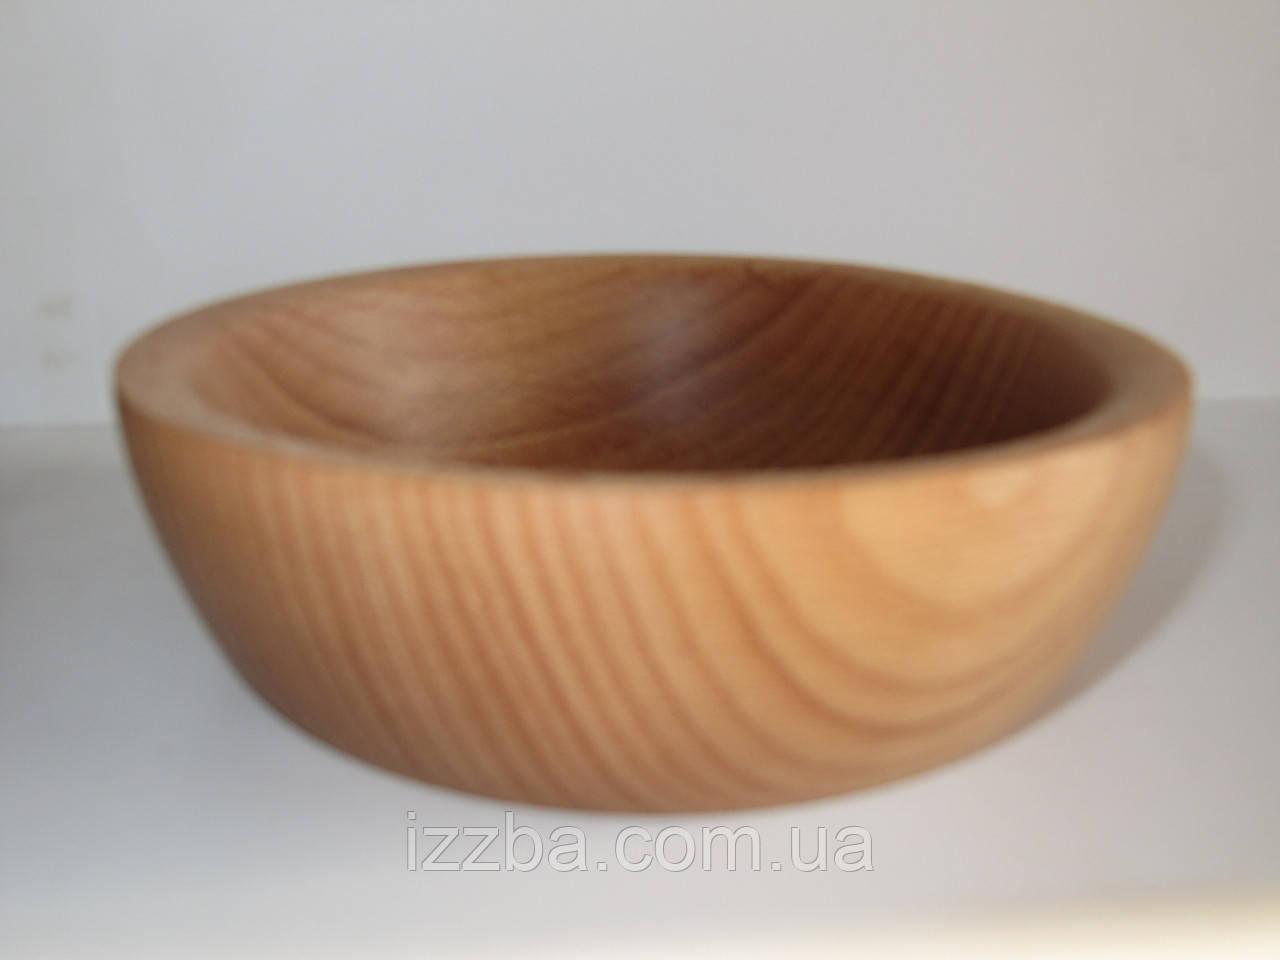 Деревянные тарелки из бука